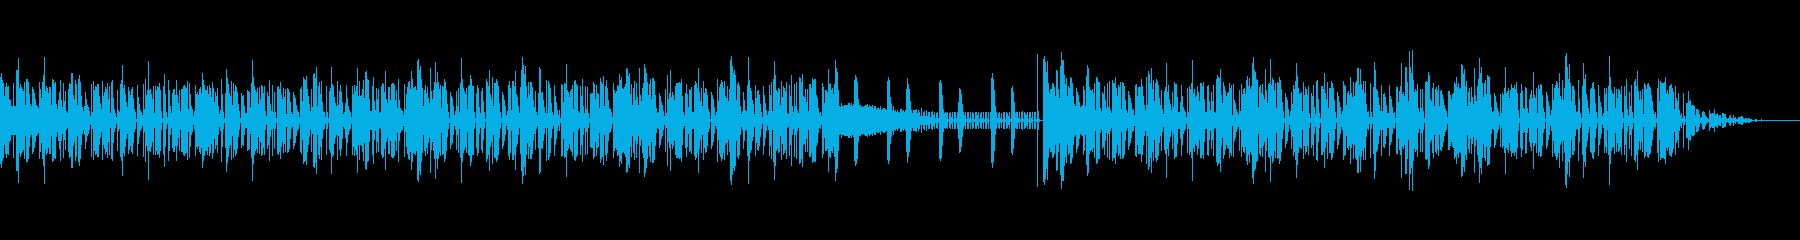 ピアノを使用した緊迫感のあるインスト曲の再生済みの波形